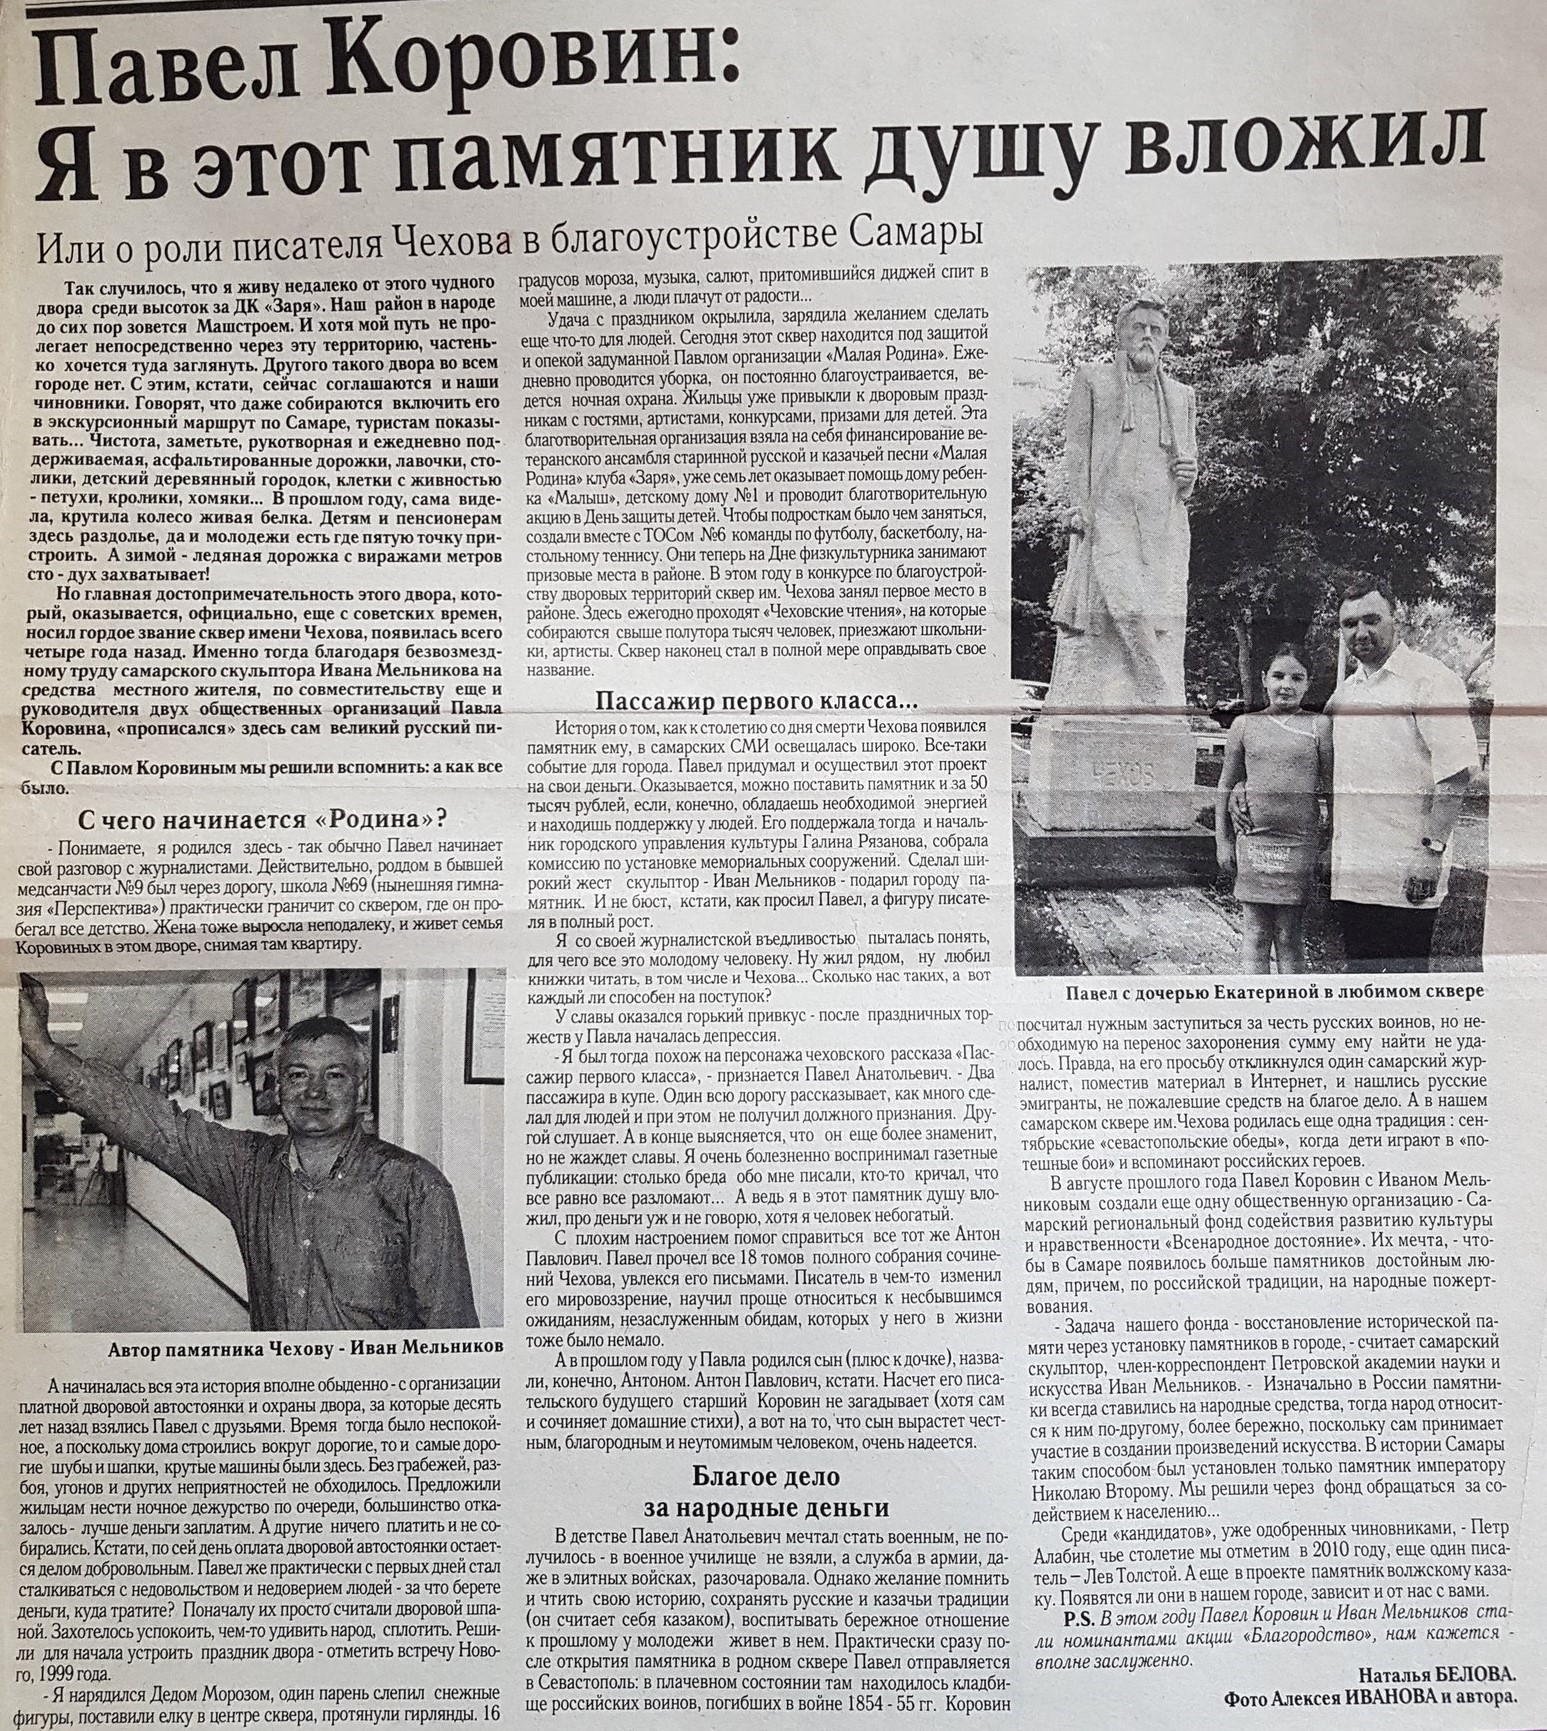 Памятник-Антону-Чехову